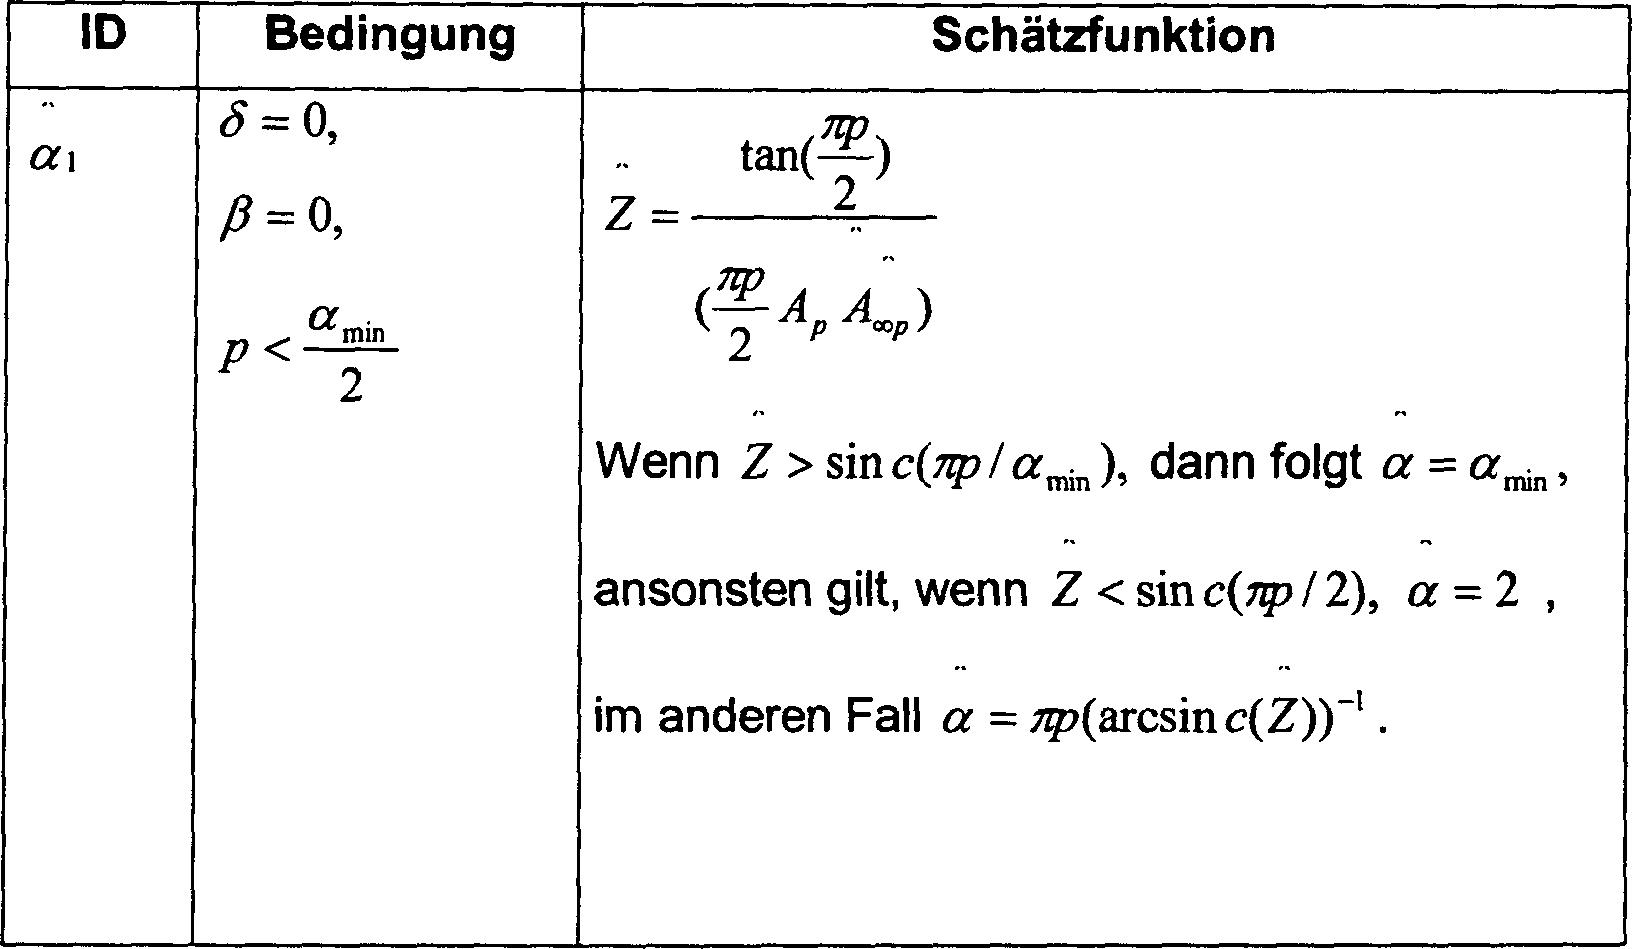 DE69935410T2 - Method and arrangement for noise reduction